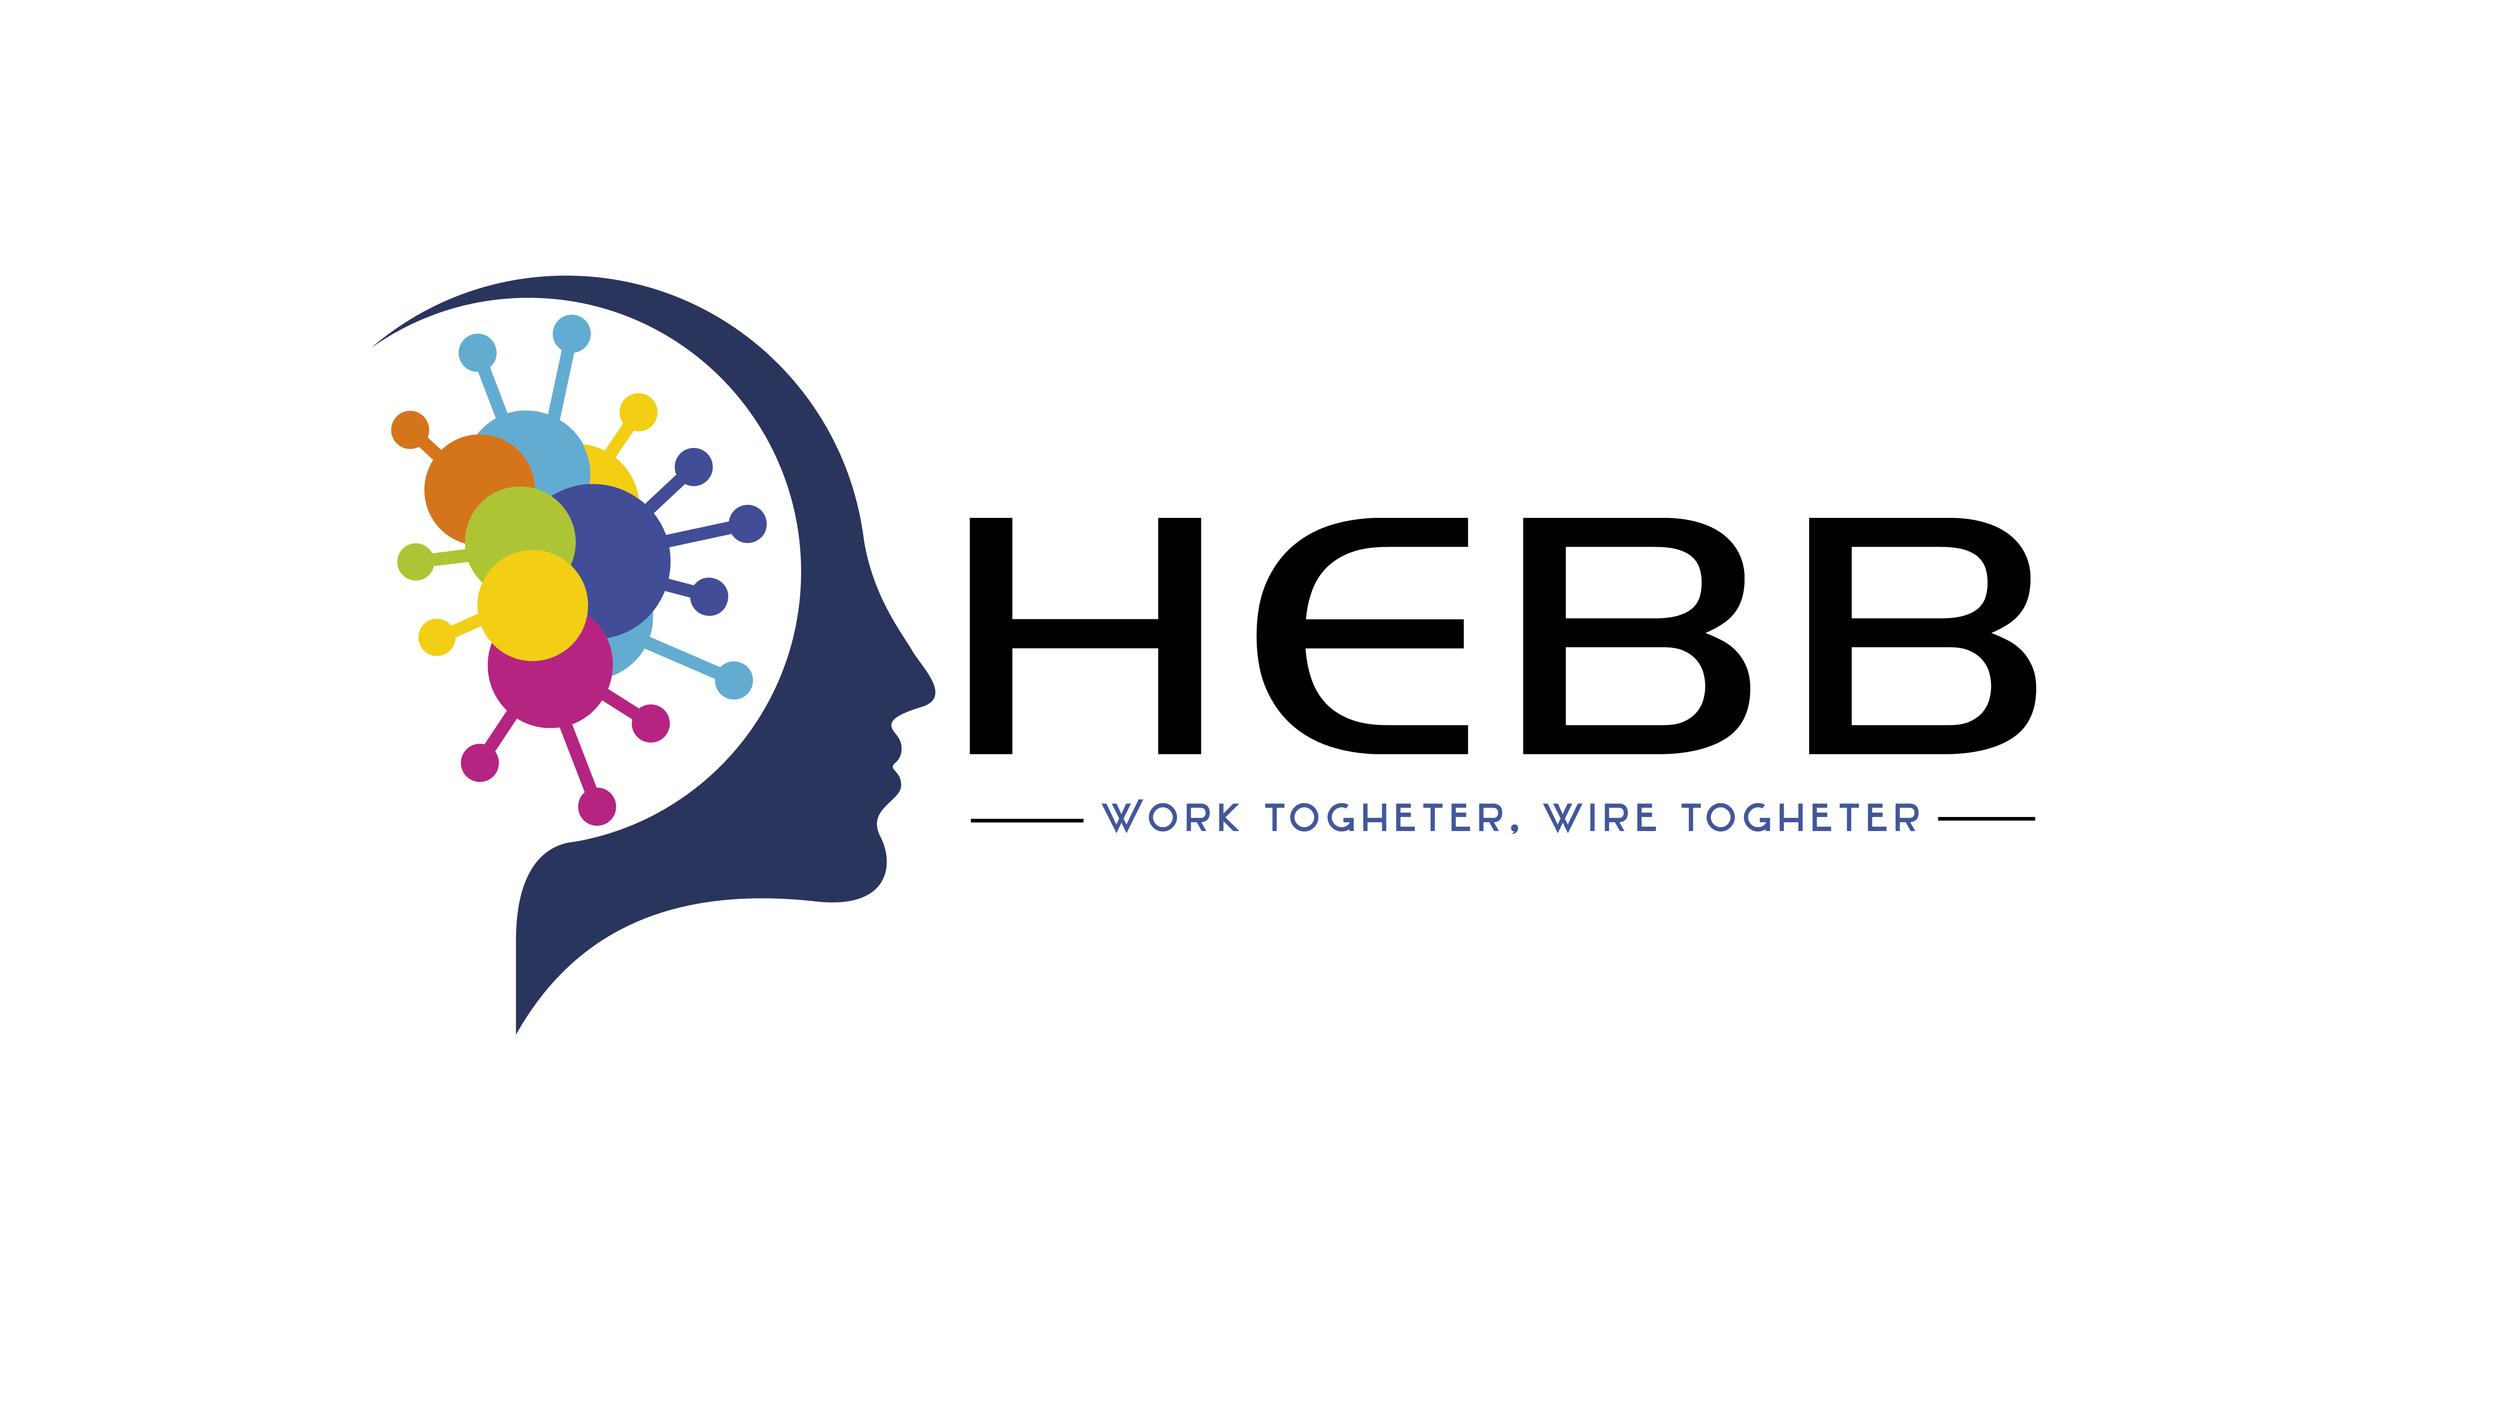 """HEBB, La cartella clinica innovativa - Una visione innovativa e funzionale della cartella clinica, che supera la logica della dei sistemi informatizzati che si limitano a replicare un modello nato e concepito per la gestione su supporto cartaceo.In altri termini abbiamo trasferitoil concetto del processo di apprendimento associativo al processo di gestione delle terapie di reparto, del diario clinico e delle attività medico-infermieristiche.""""Neurons that fire together wire together"""